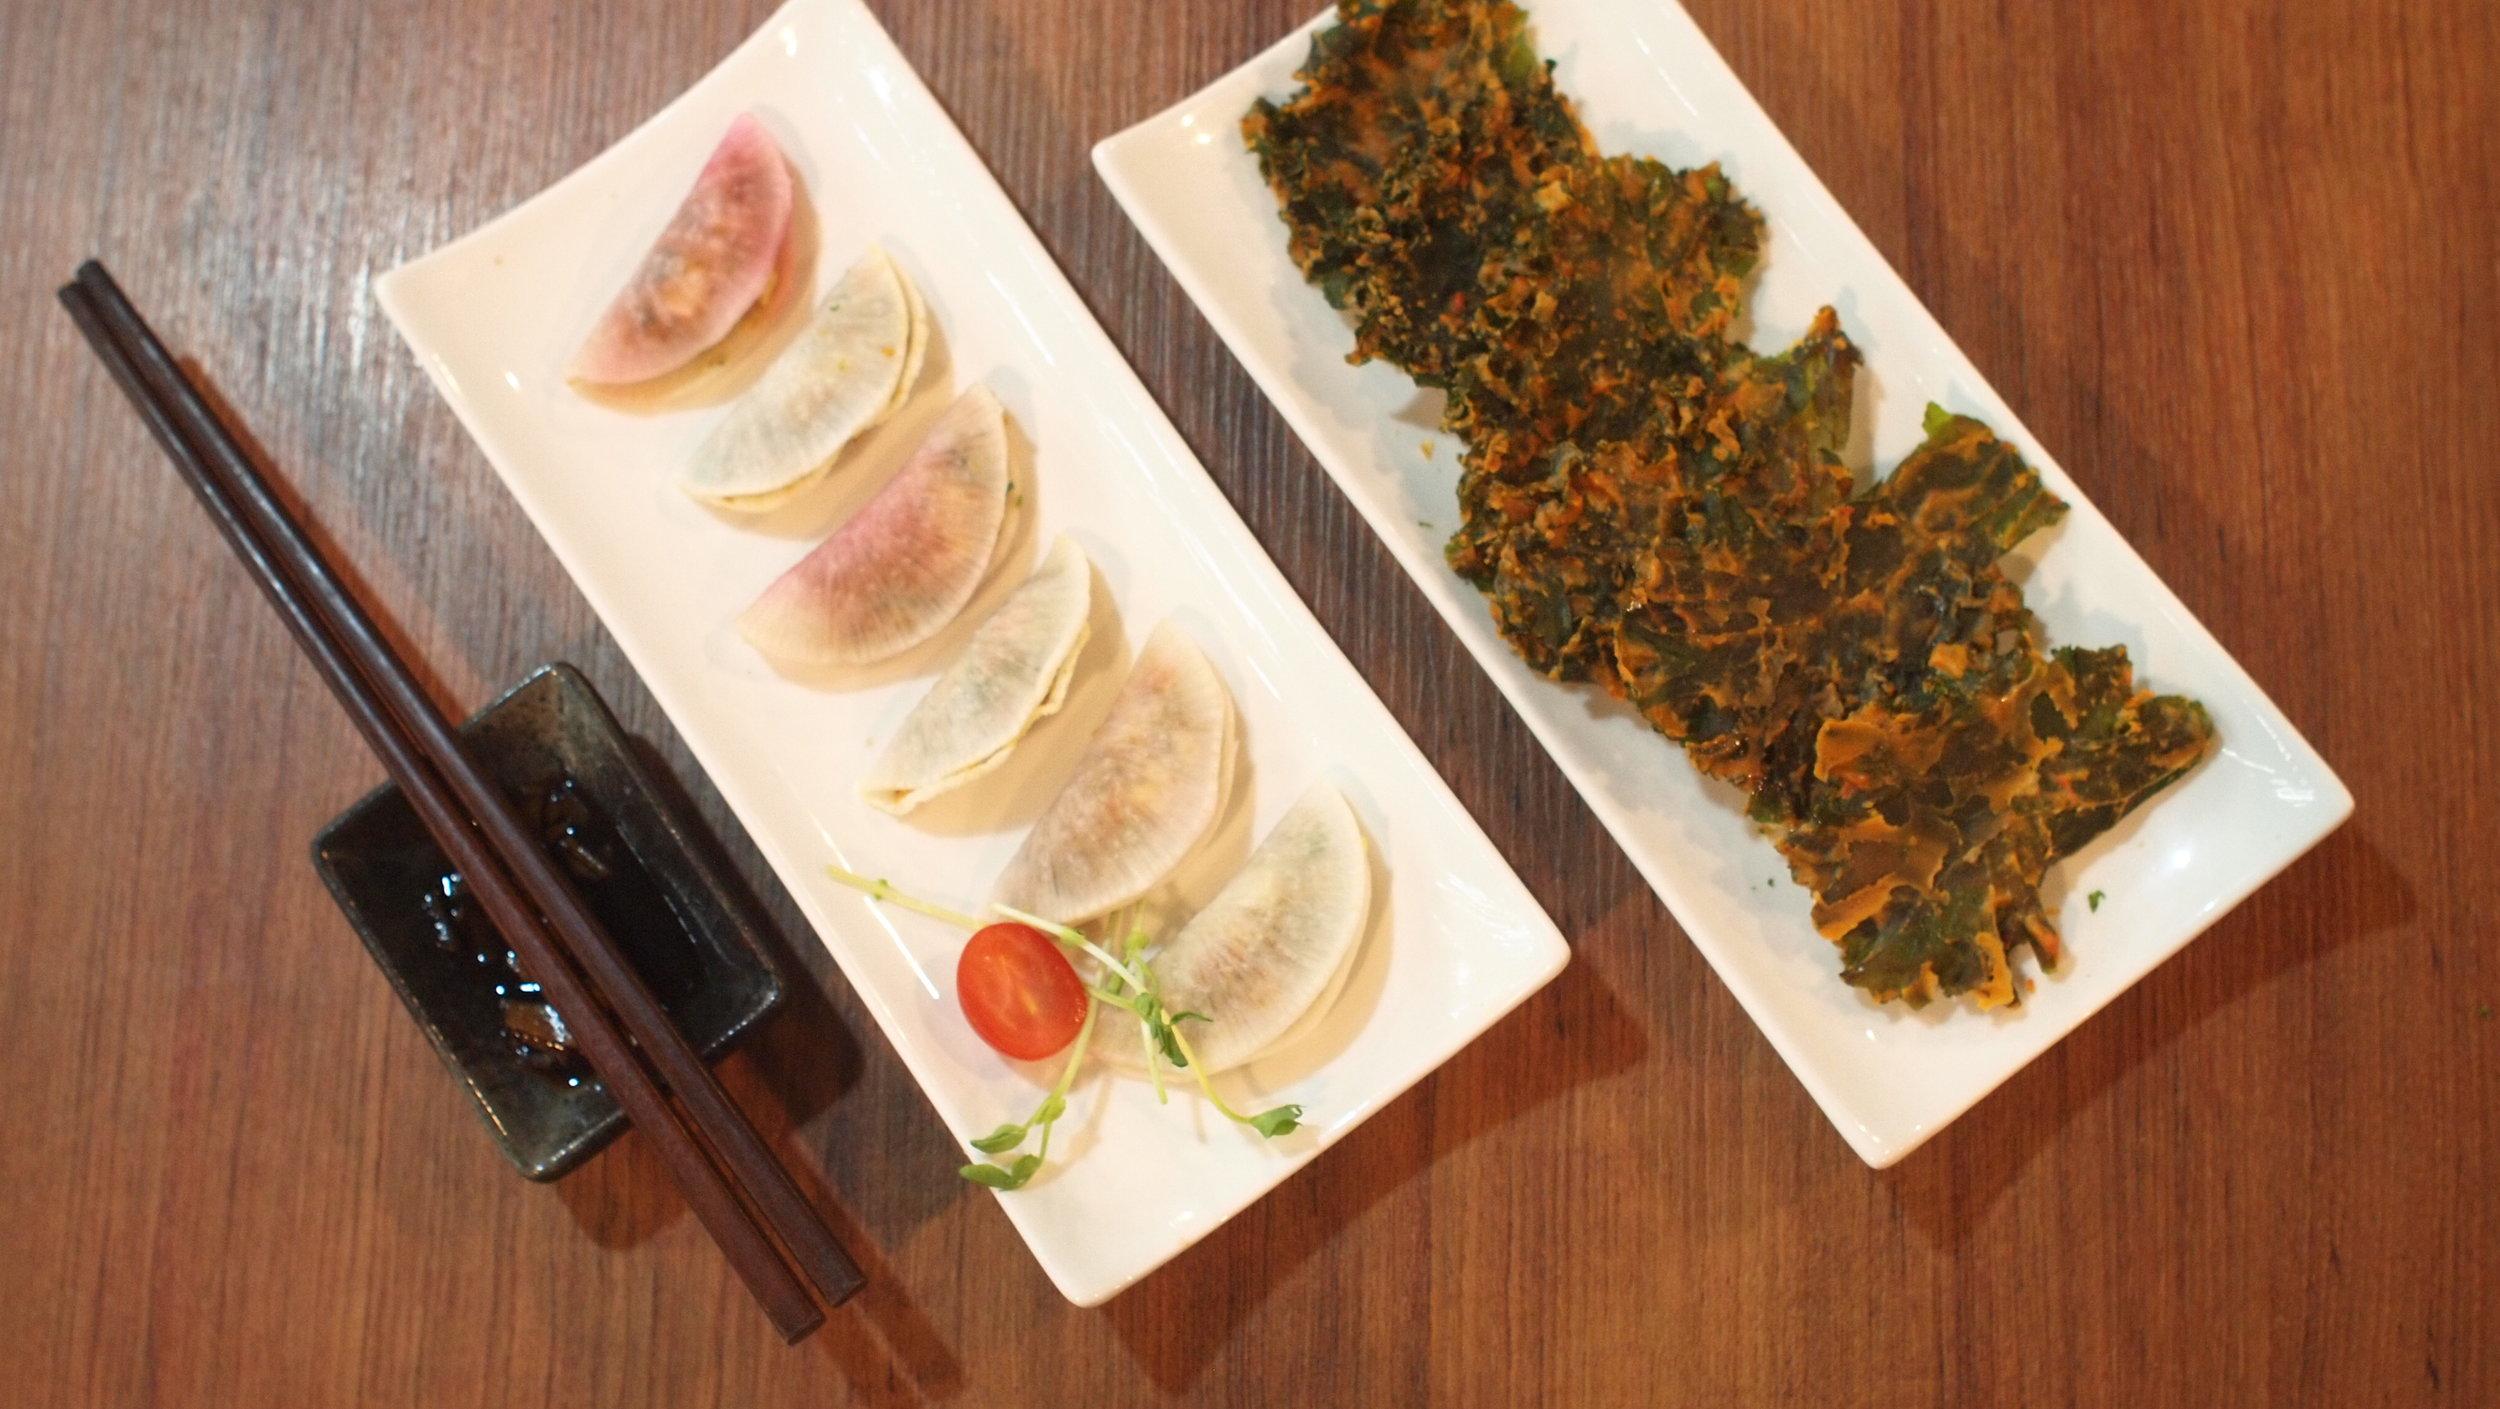 綠野林的創意小食:素食白蘿卜餃子、芝士  羽衣甘藍薯片 (Vegan Chessy Kale Chips)